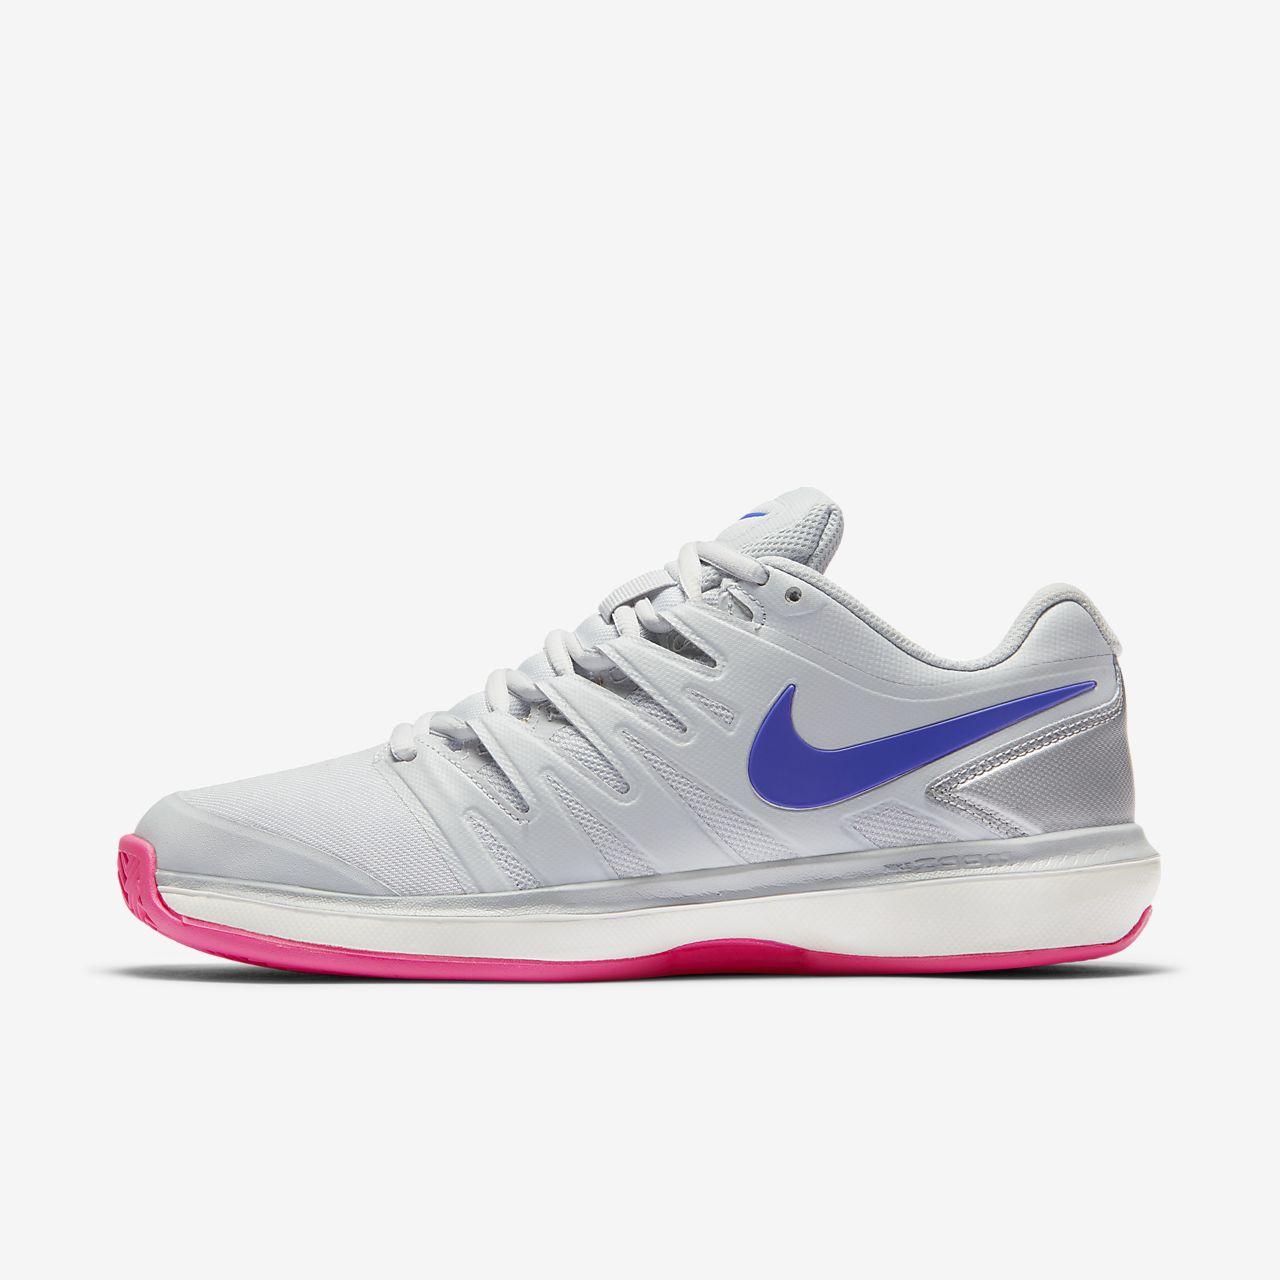 Sapatilhas de ténis para terra batida NikeCourt Air Zoom Prestige para mulher